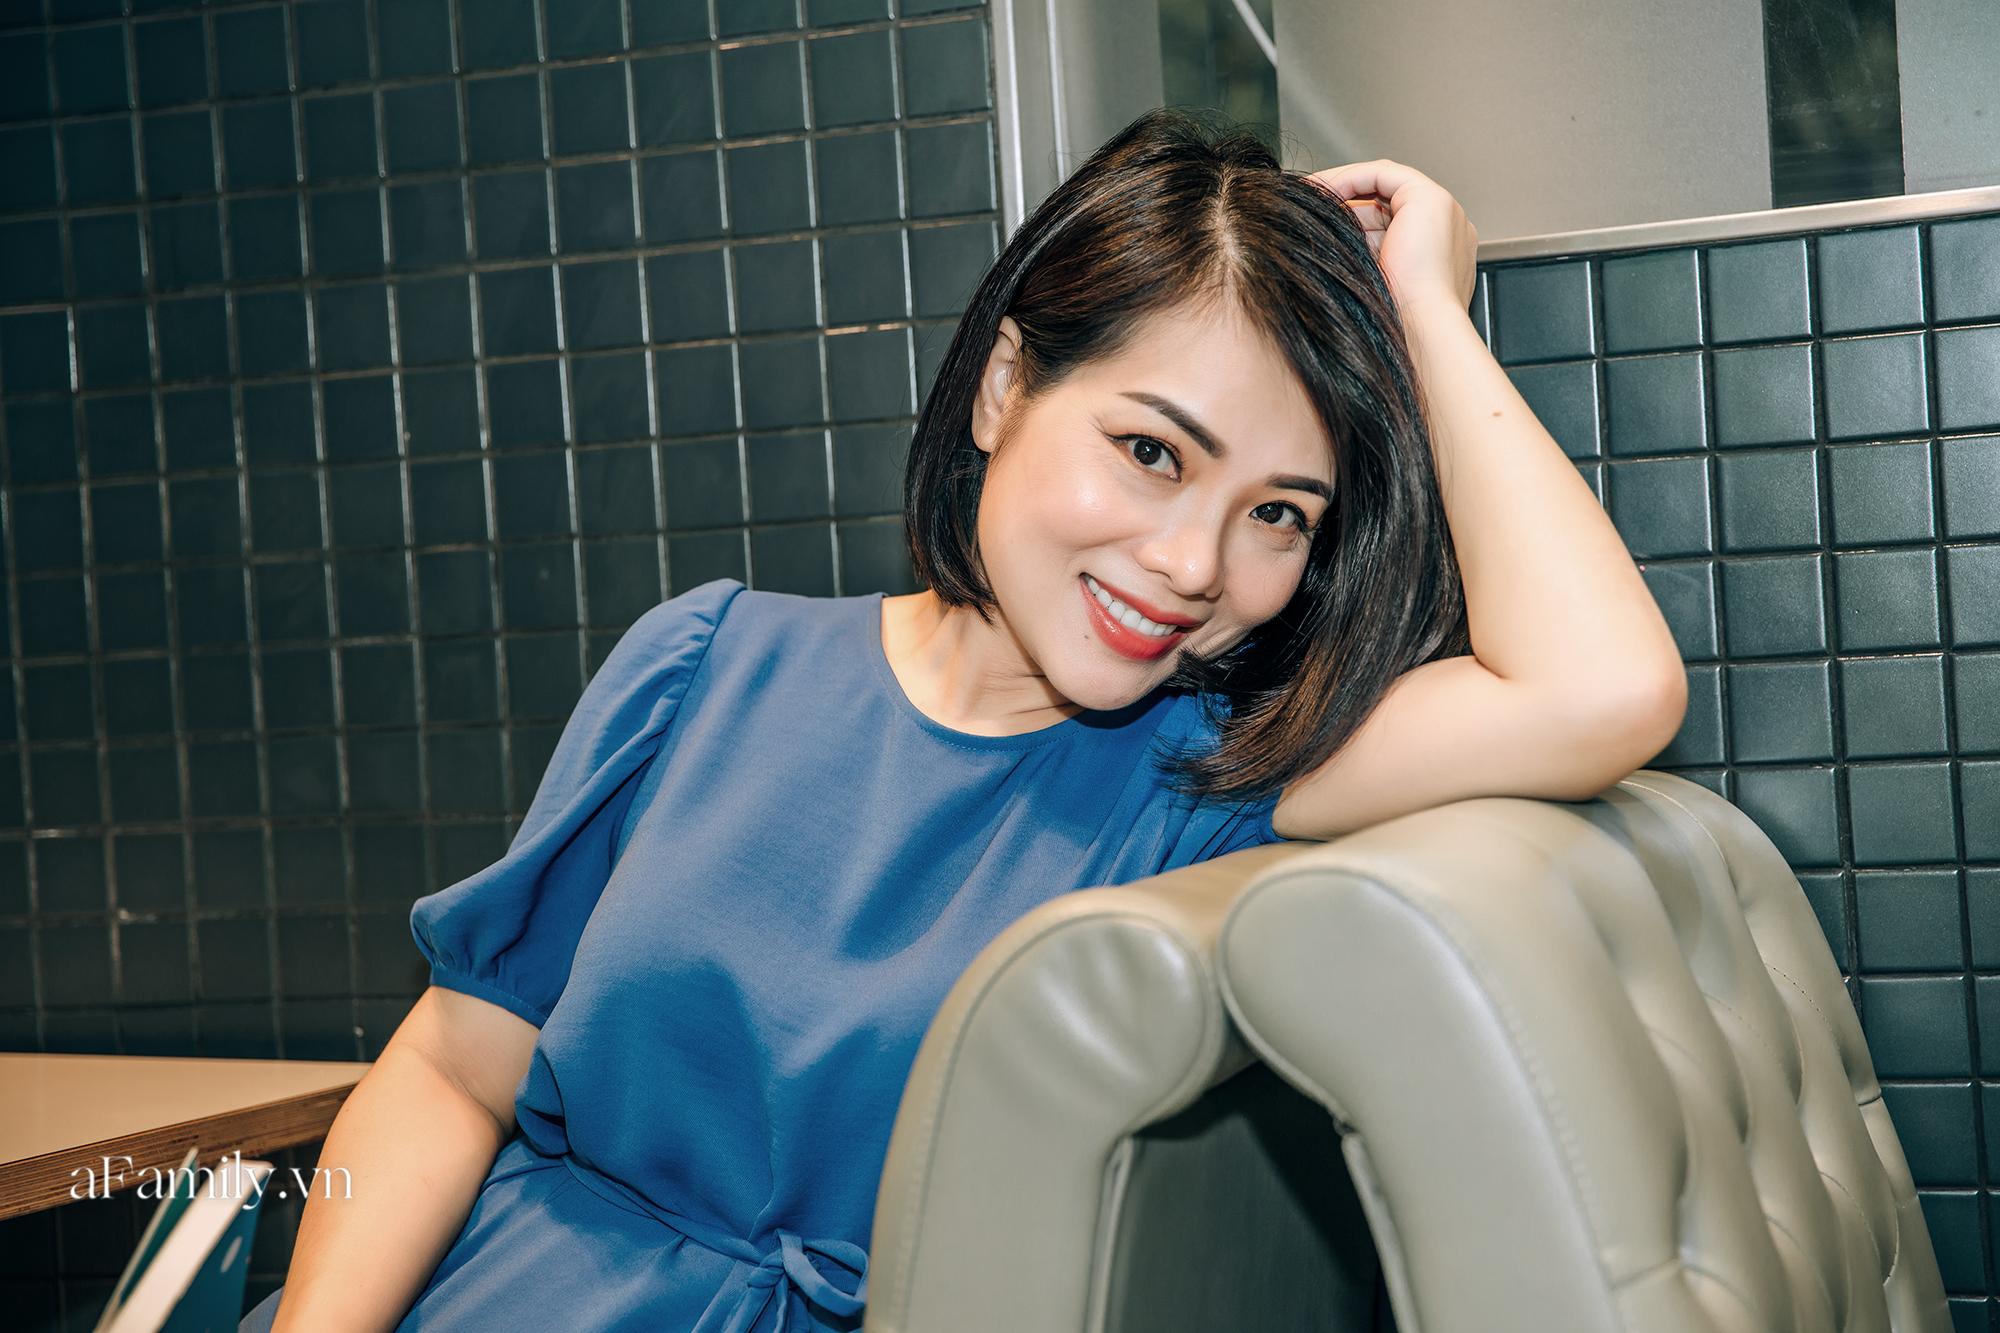 """MC Bạch Dương một lần kể hết về quãng thời gian tạm dừng công việc ở VTV và những """"góc khuất"""" khi làm công việc truyền hình - Ảnh 11."""